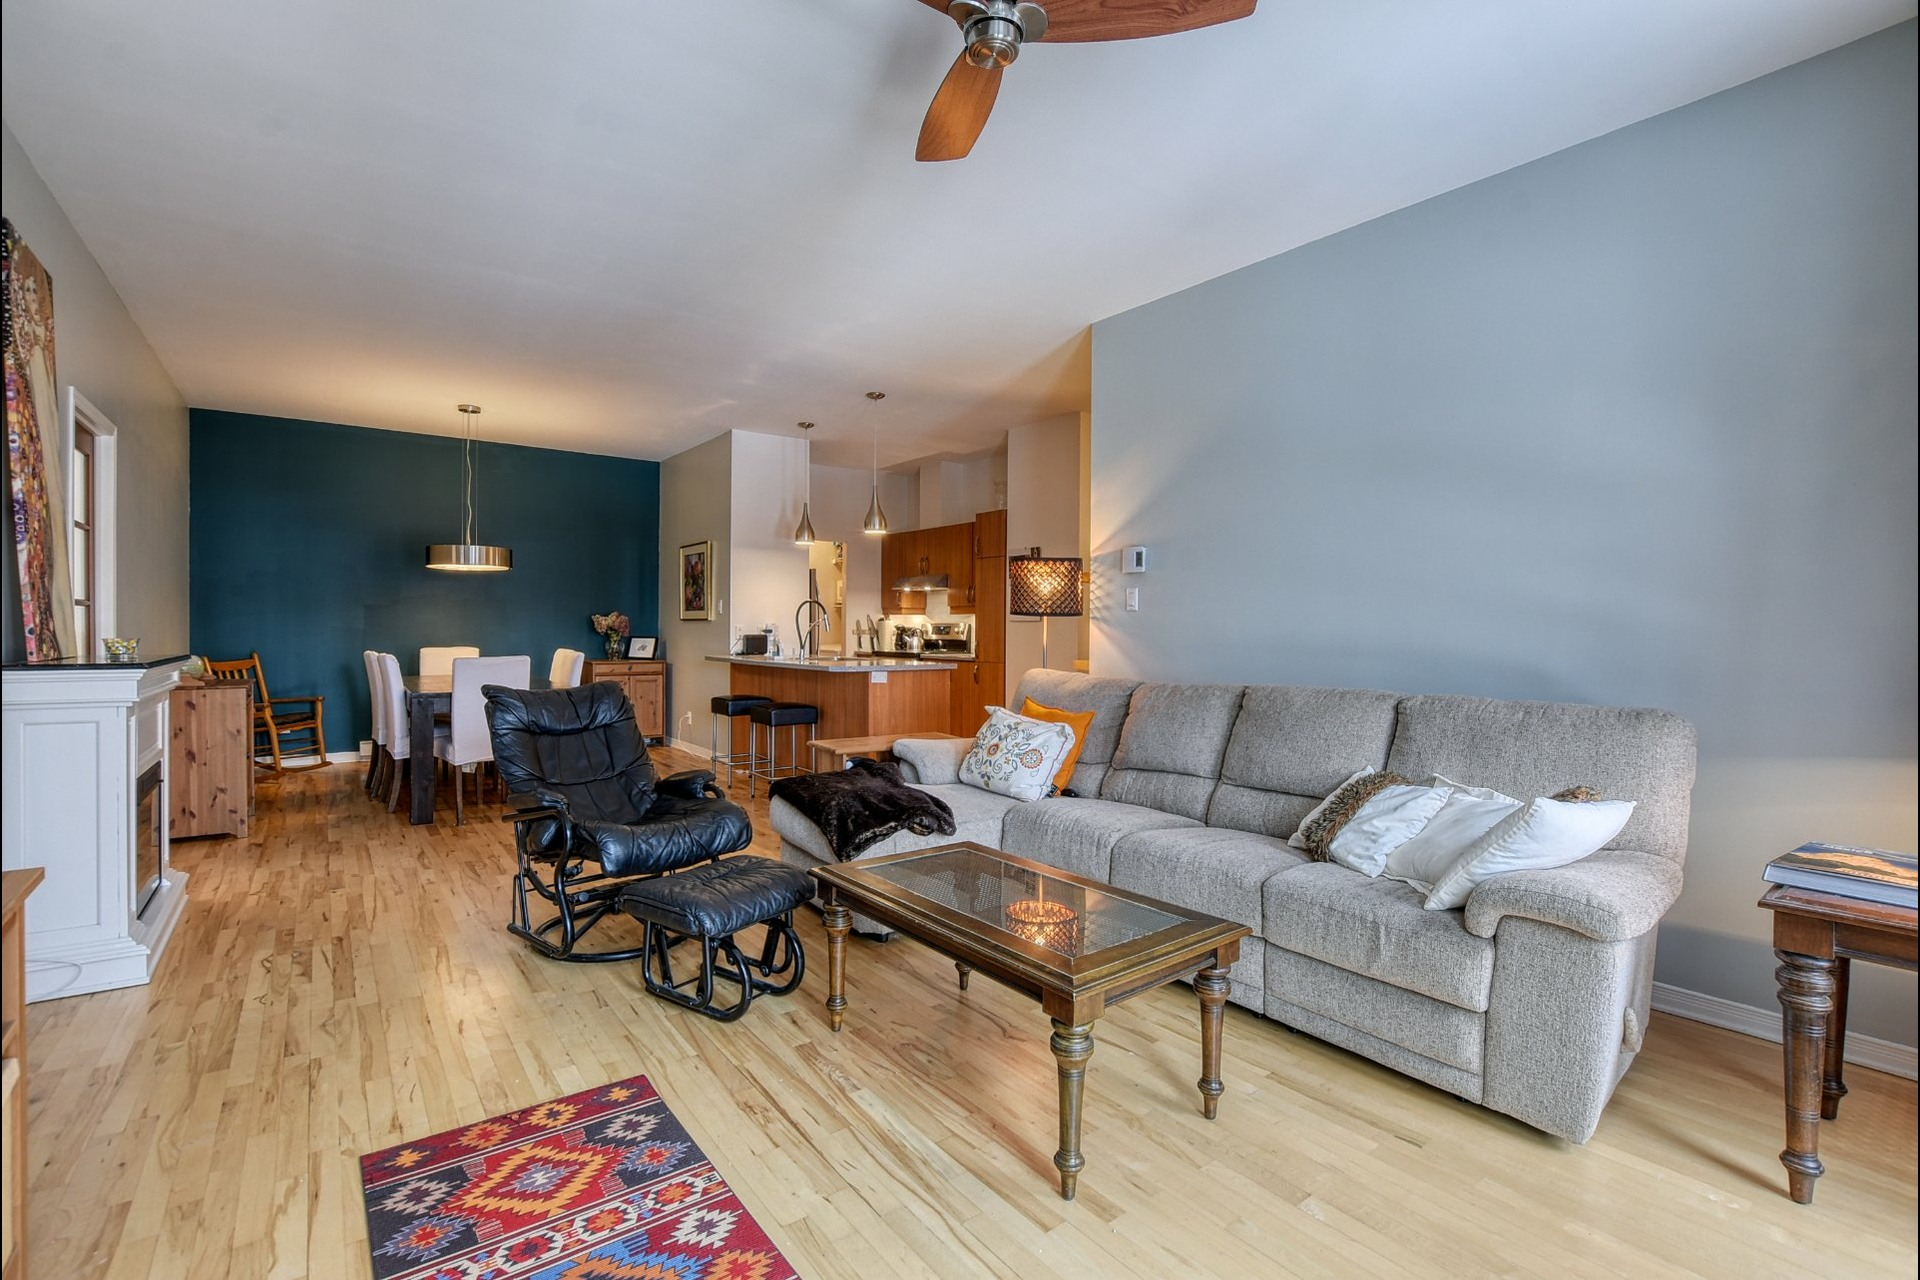 image 3 - Appartement À vendre Rosemont/La Petite-Patrie Montréal  - 6 pièces